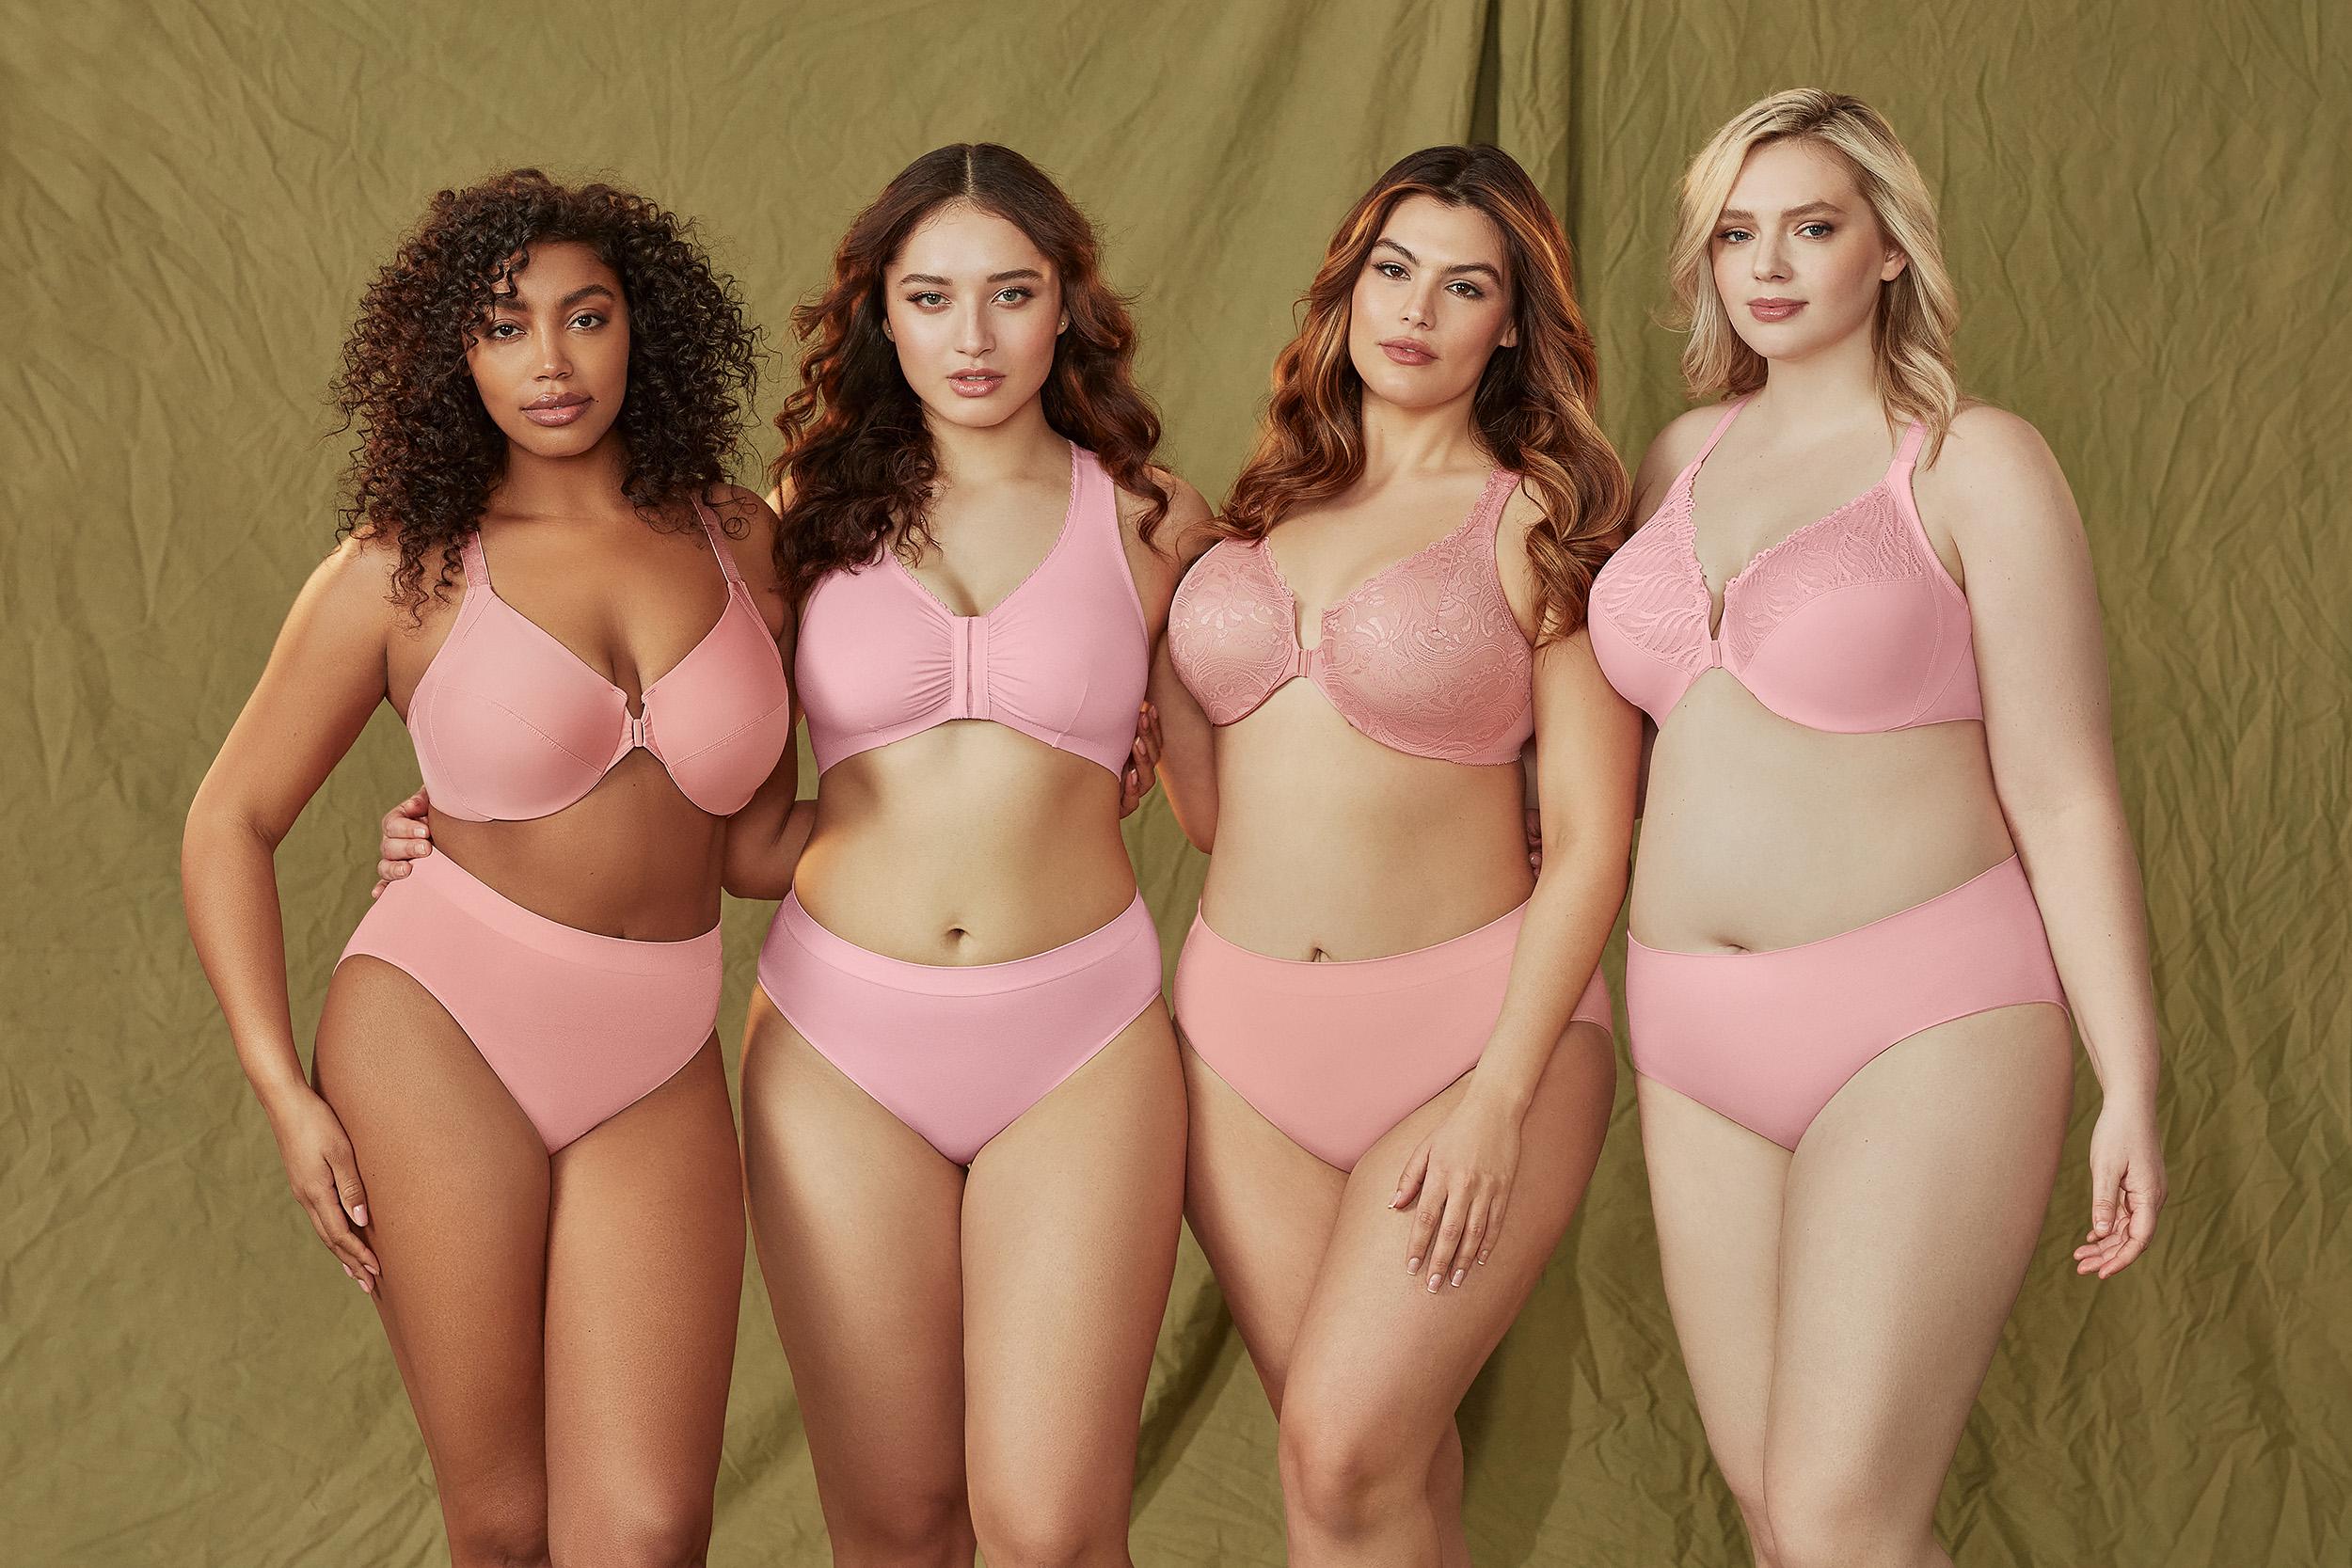 89df8aa23d3 Glamorise Plus Size Bras   Lingerie for Full-Figured Women